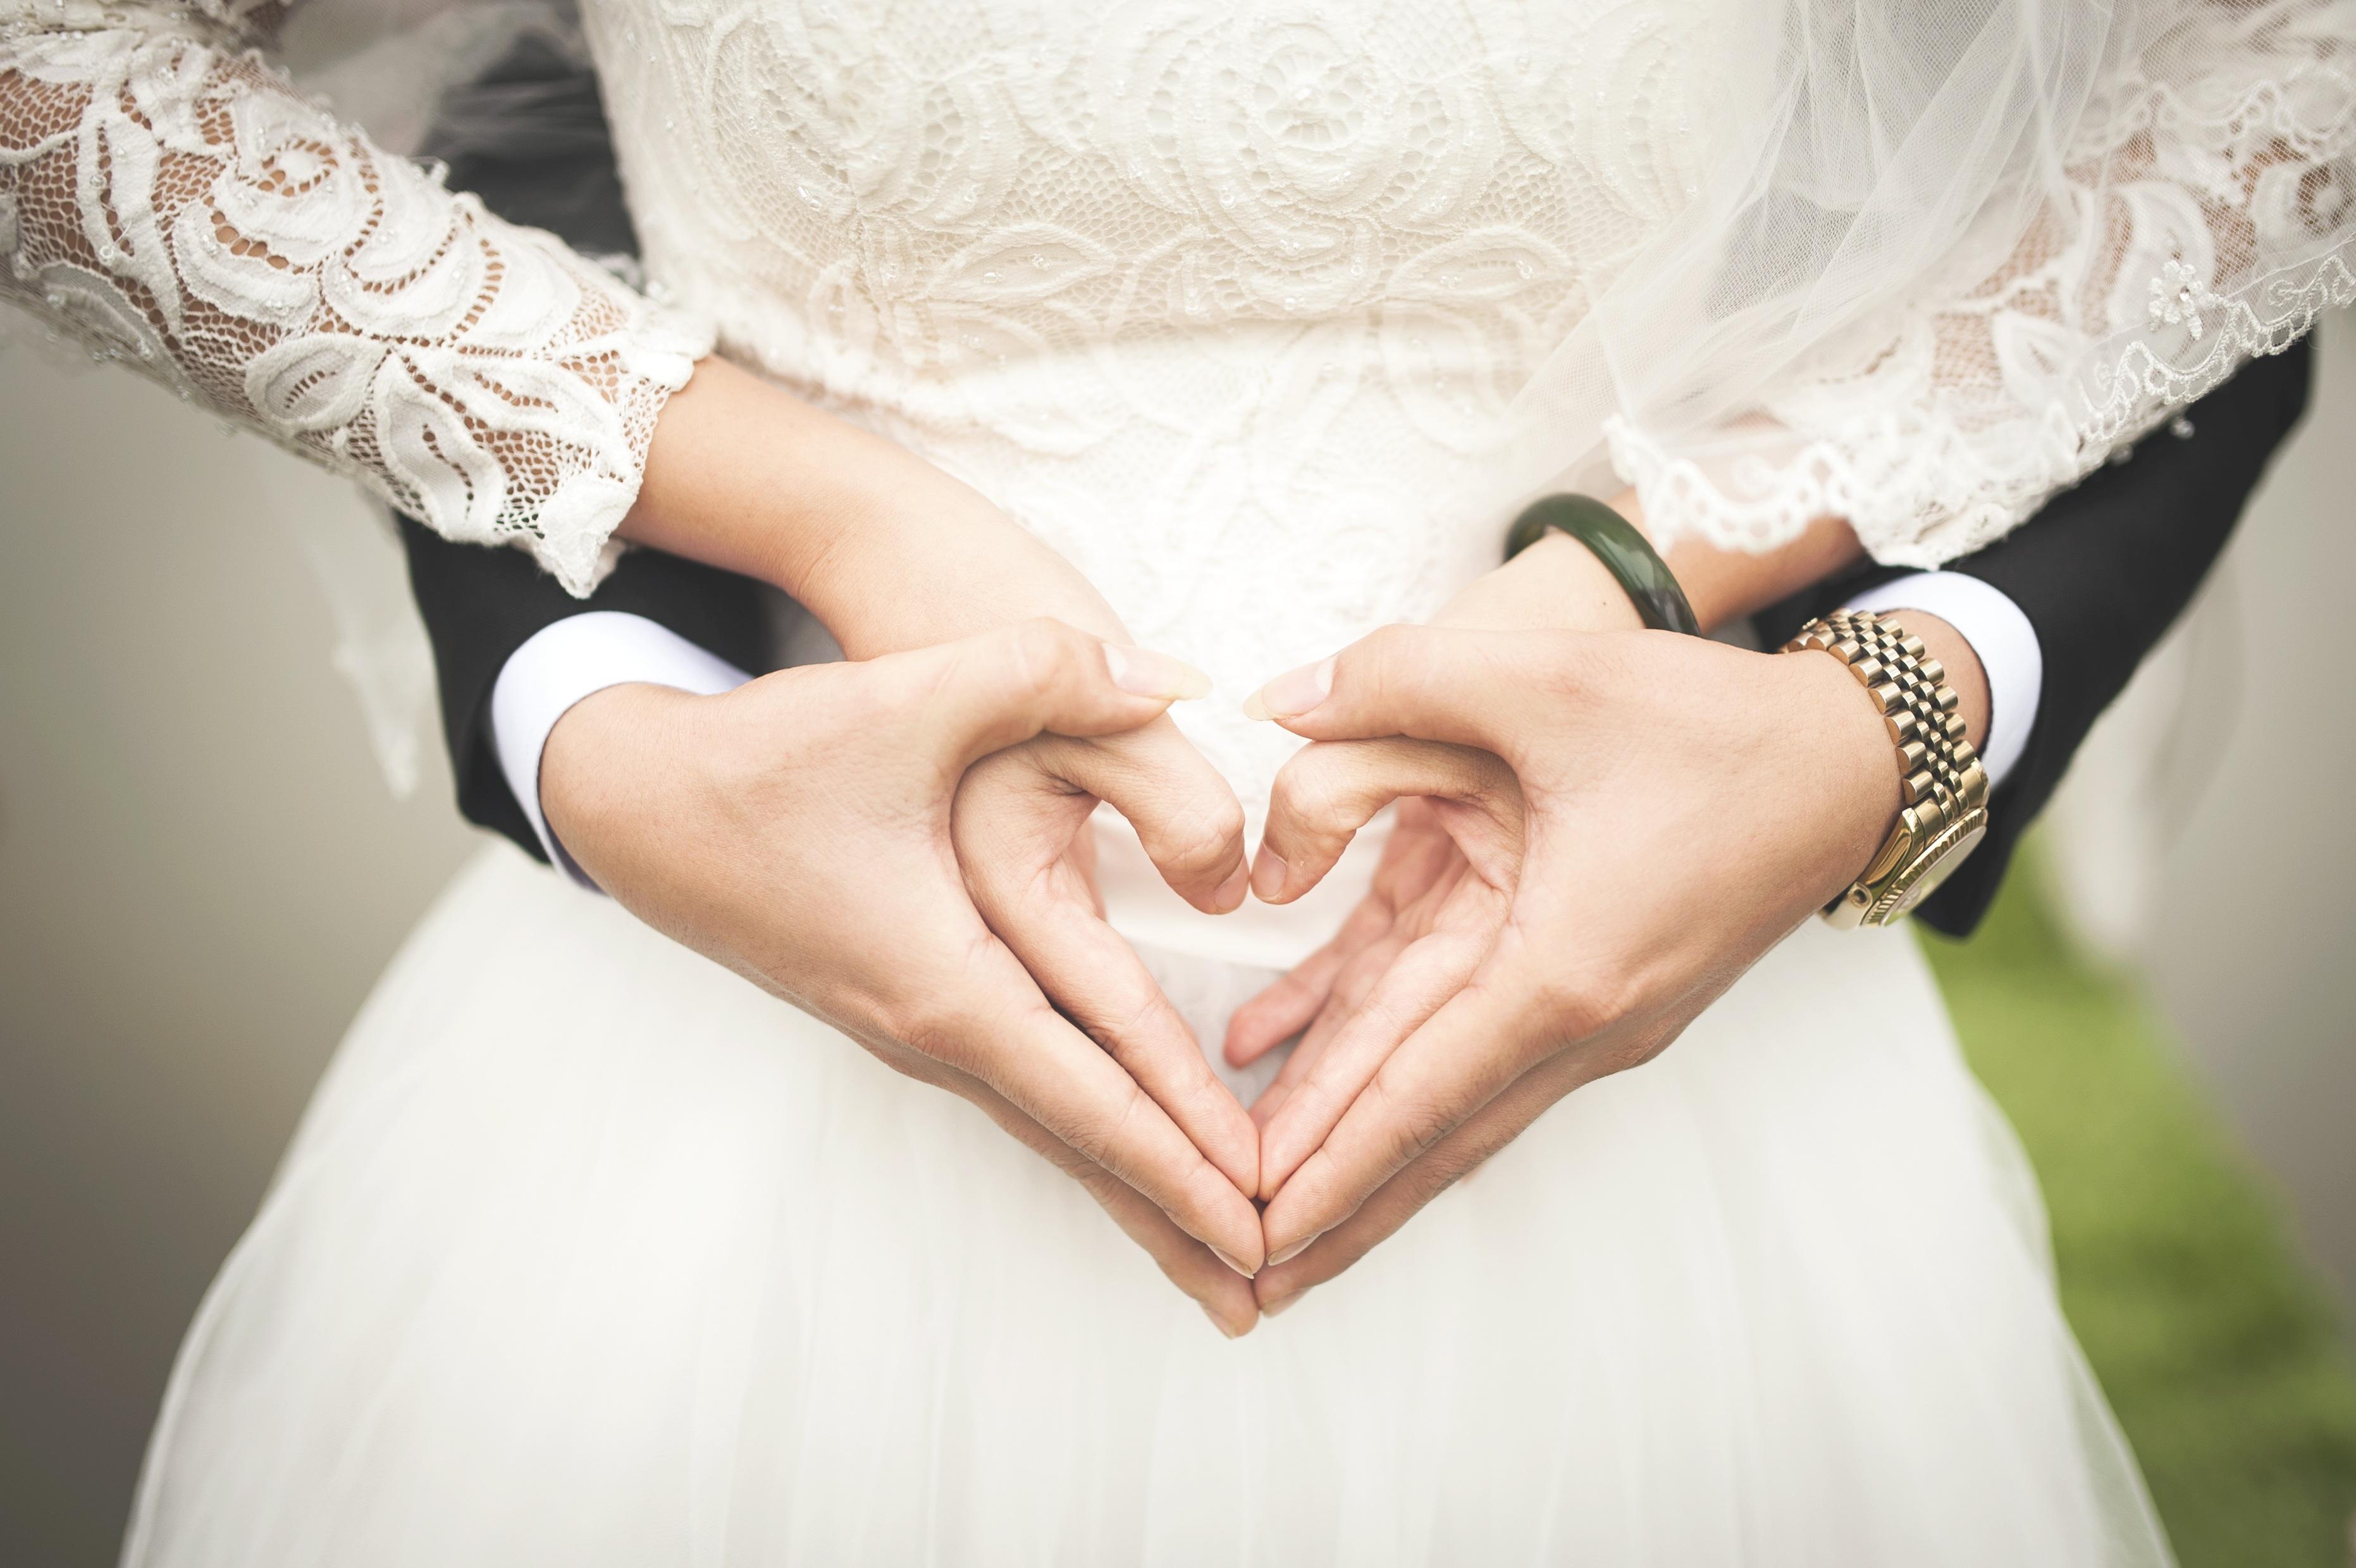 32-oggi-sposi Oggi sposi